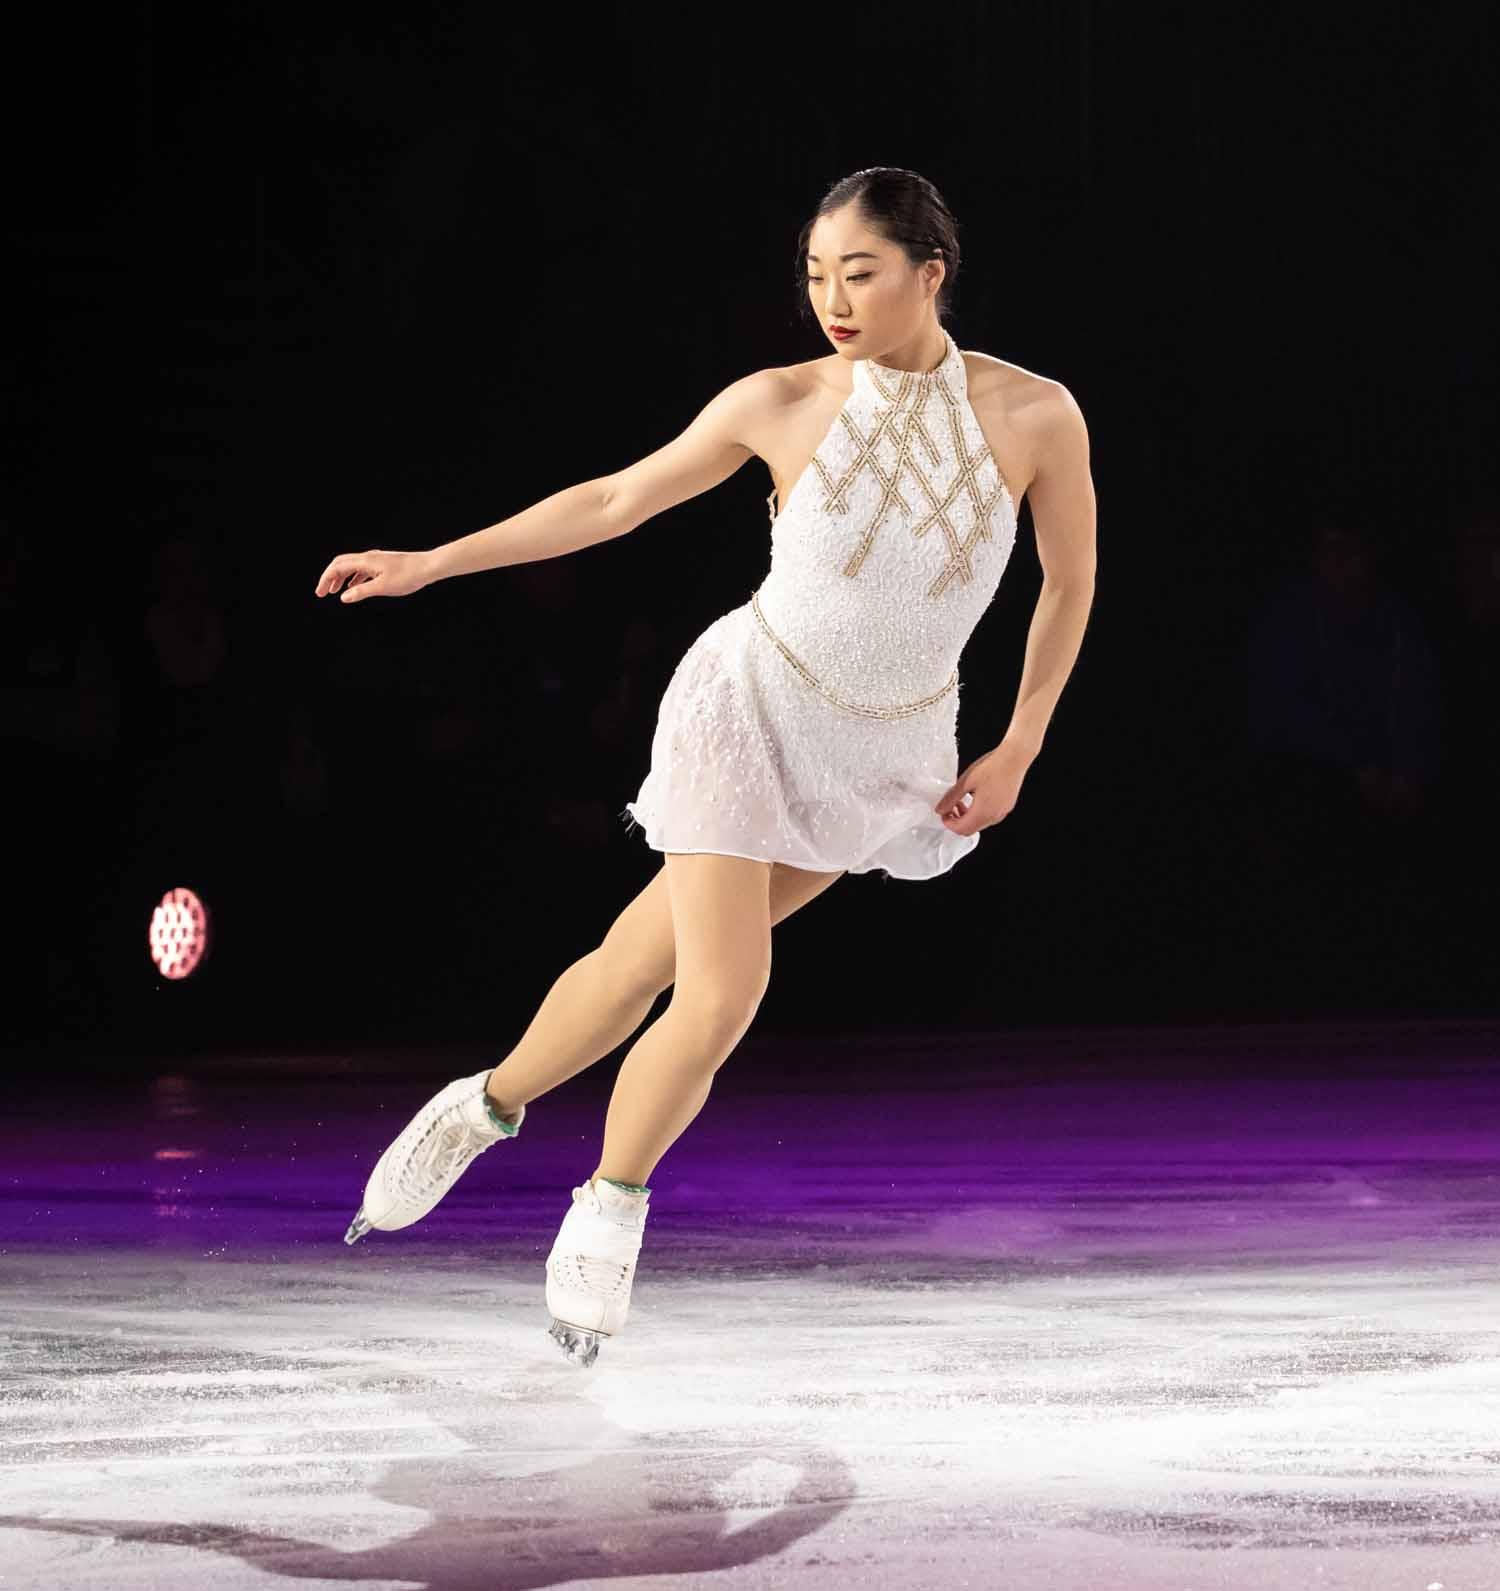 Mirai Nagasu Biography